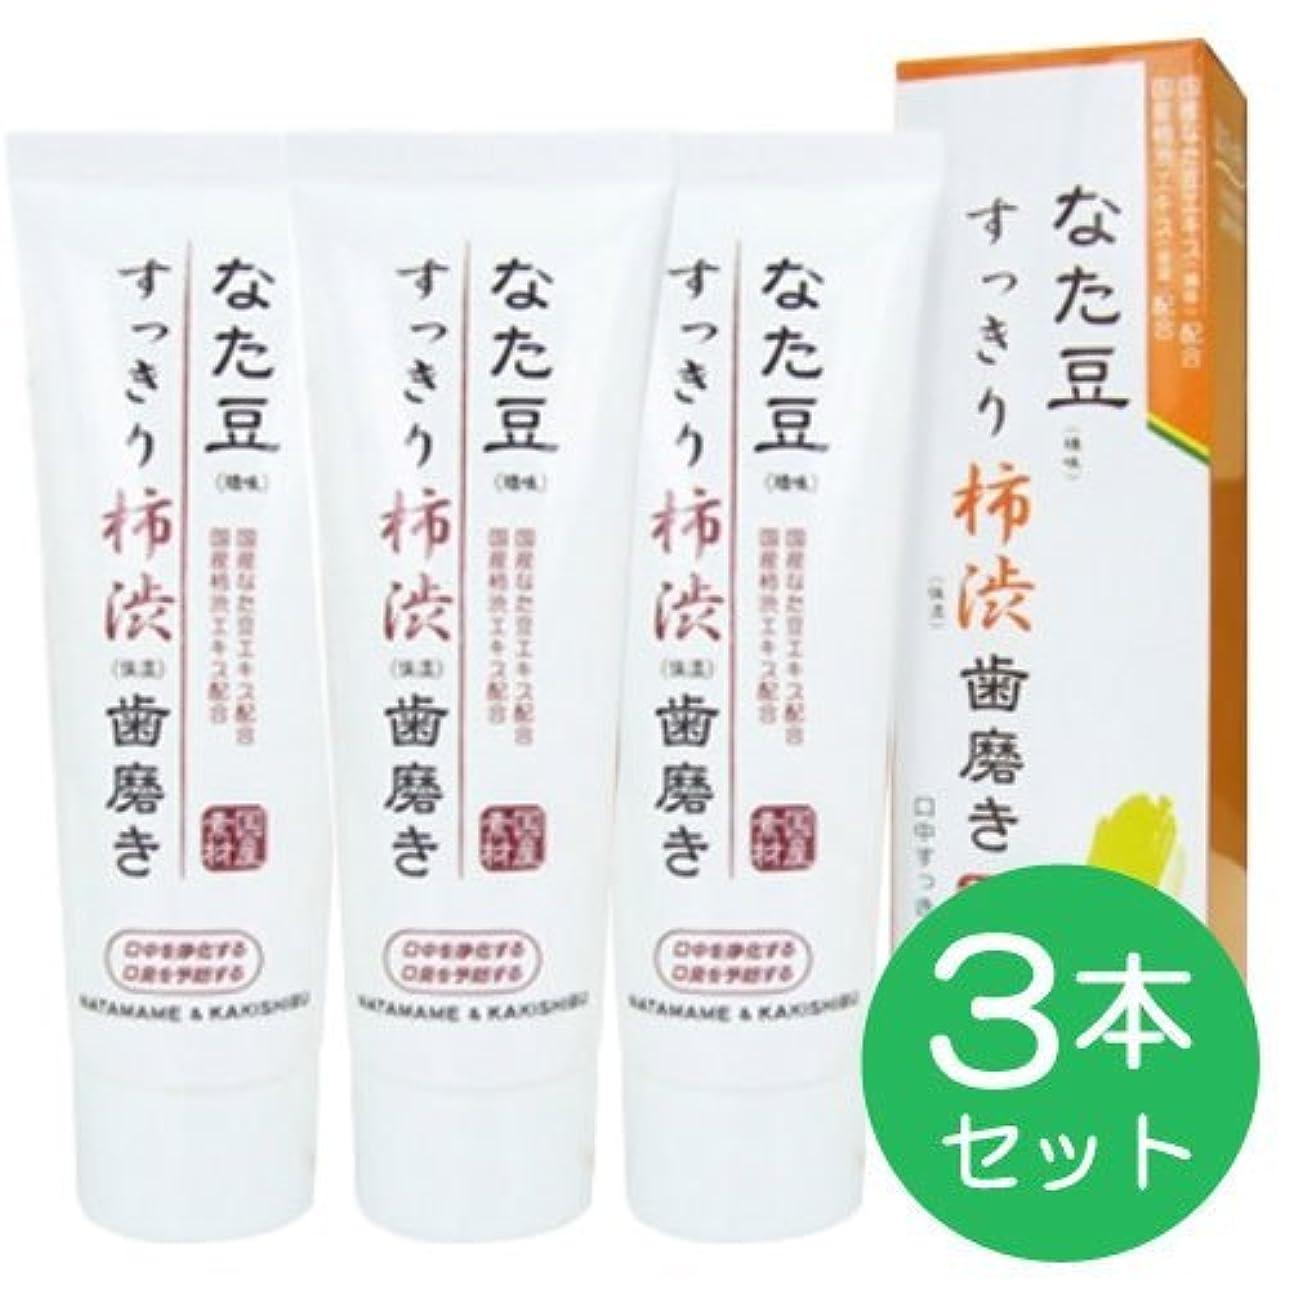 悪化するインディカエンジニアリングなた豆すっきり柿渋歯磨き粉 (3個)